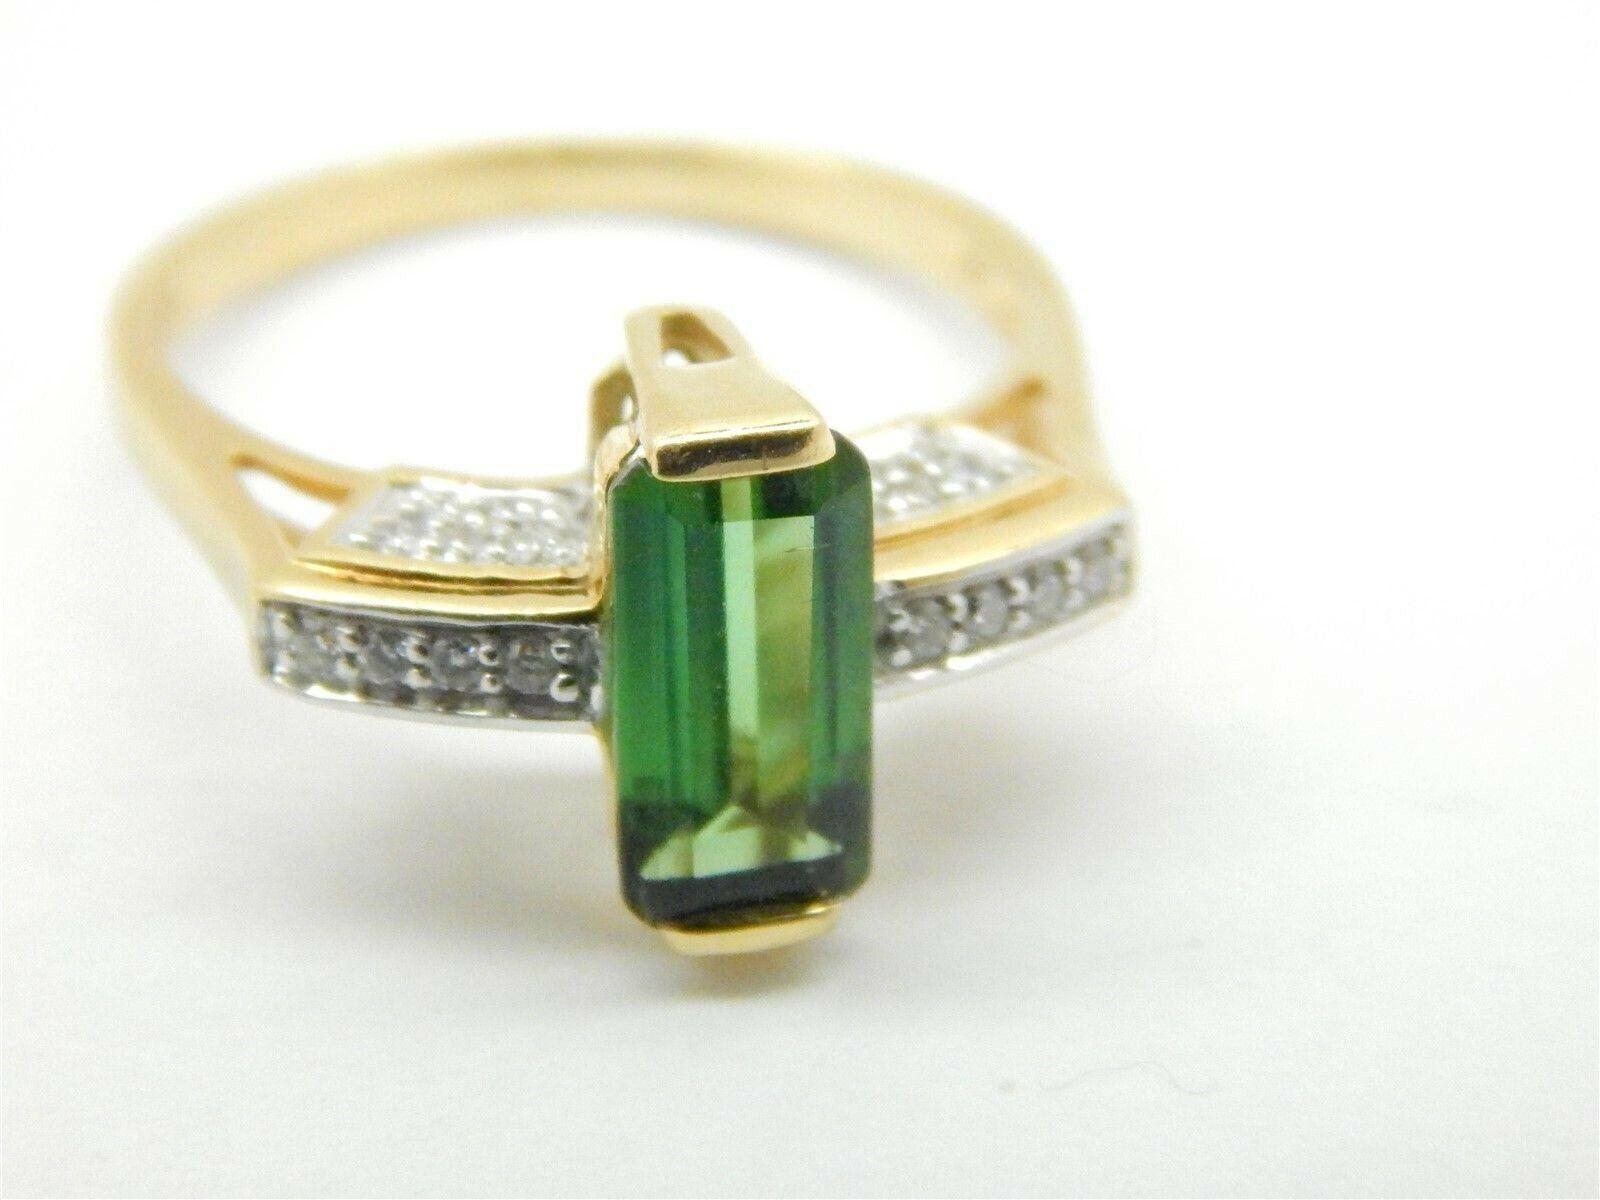 e321fadbf Beautiful 18k gold Emerald Cut Green Tourmaline Solitaire Ring 2 TCW Size  7.75